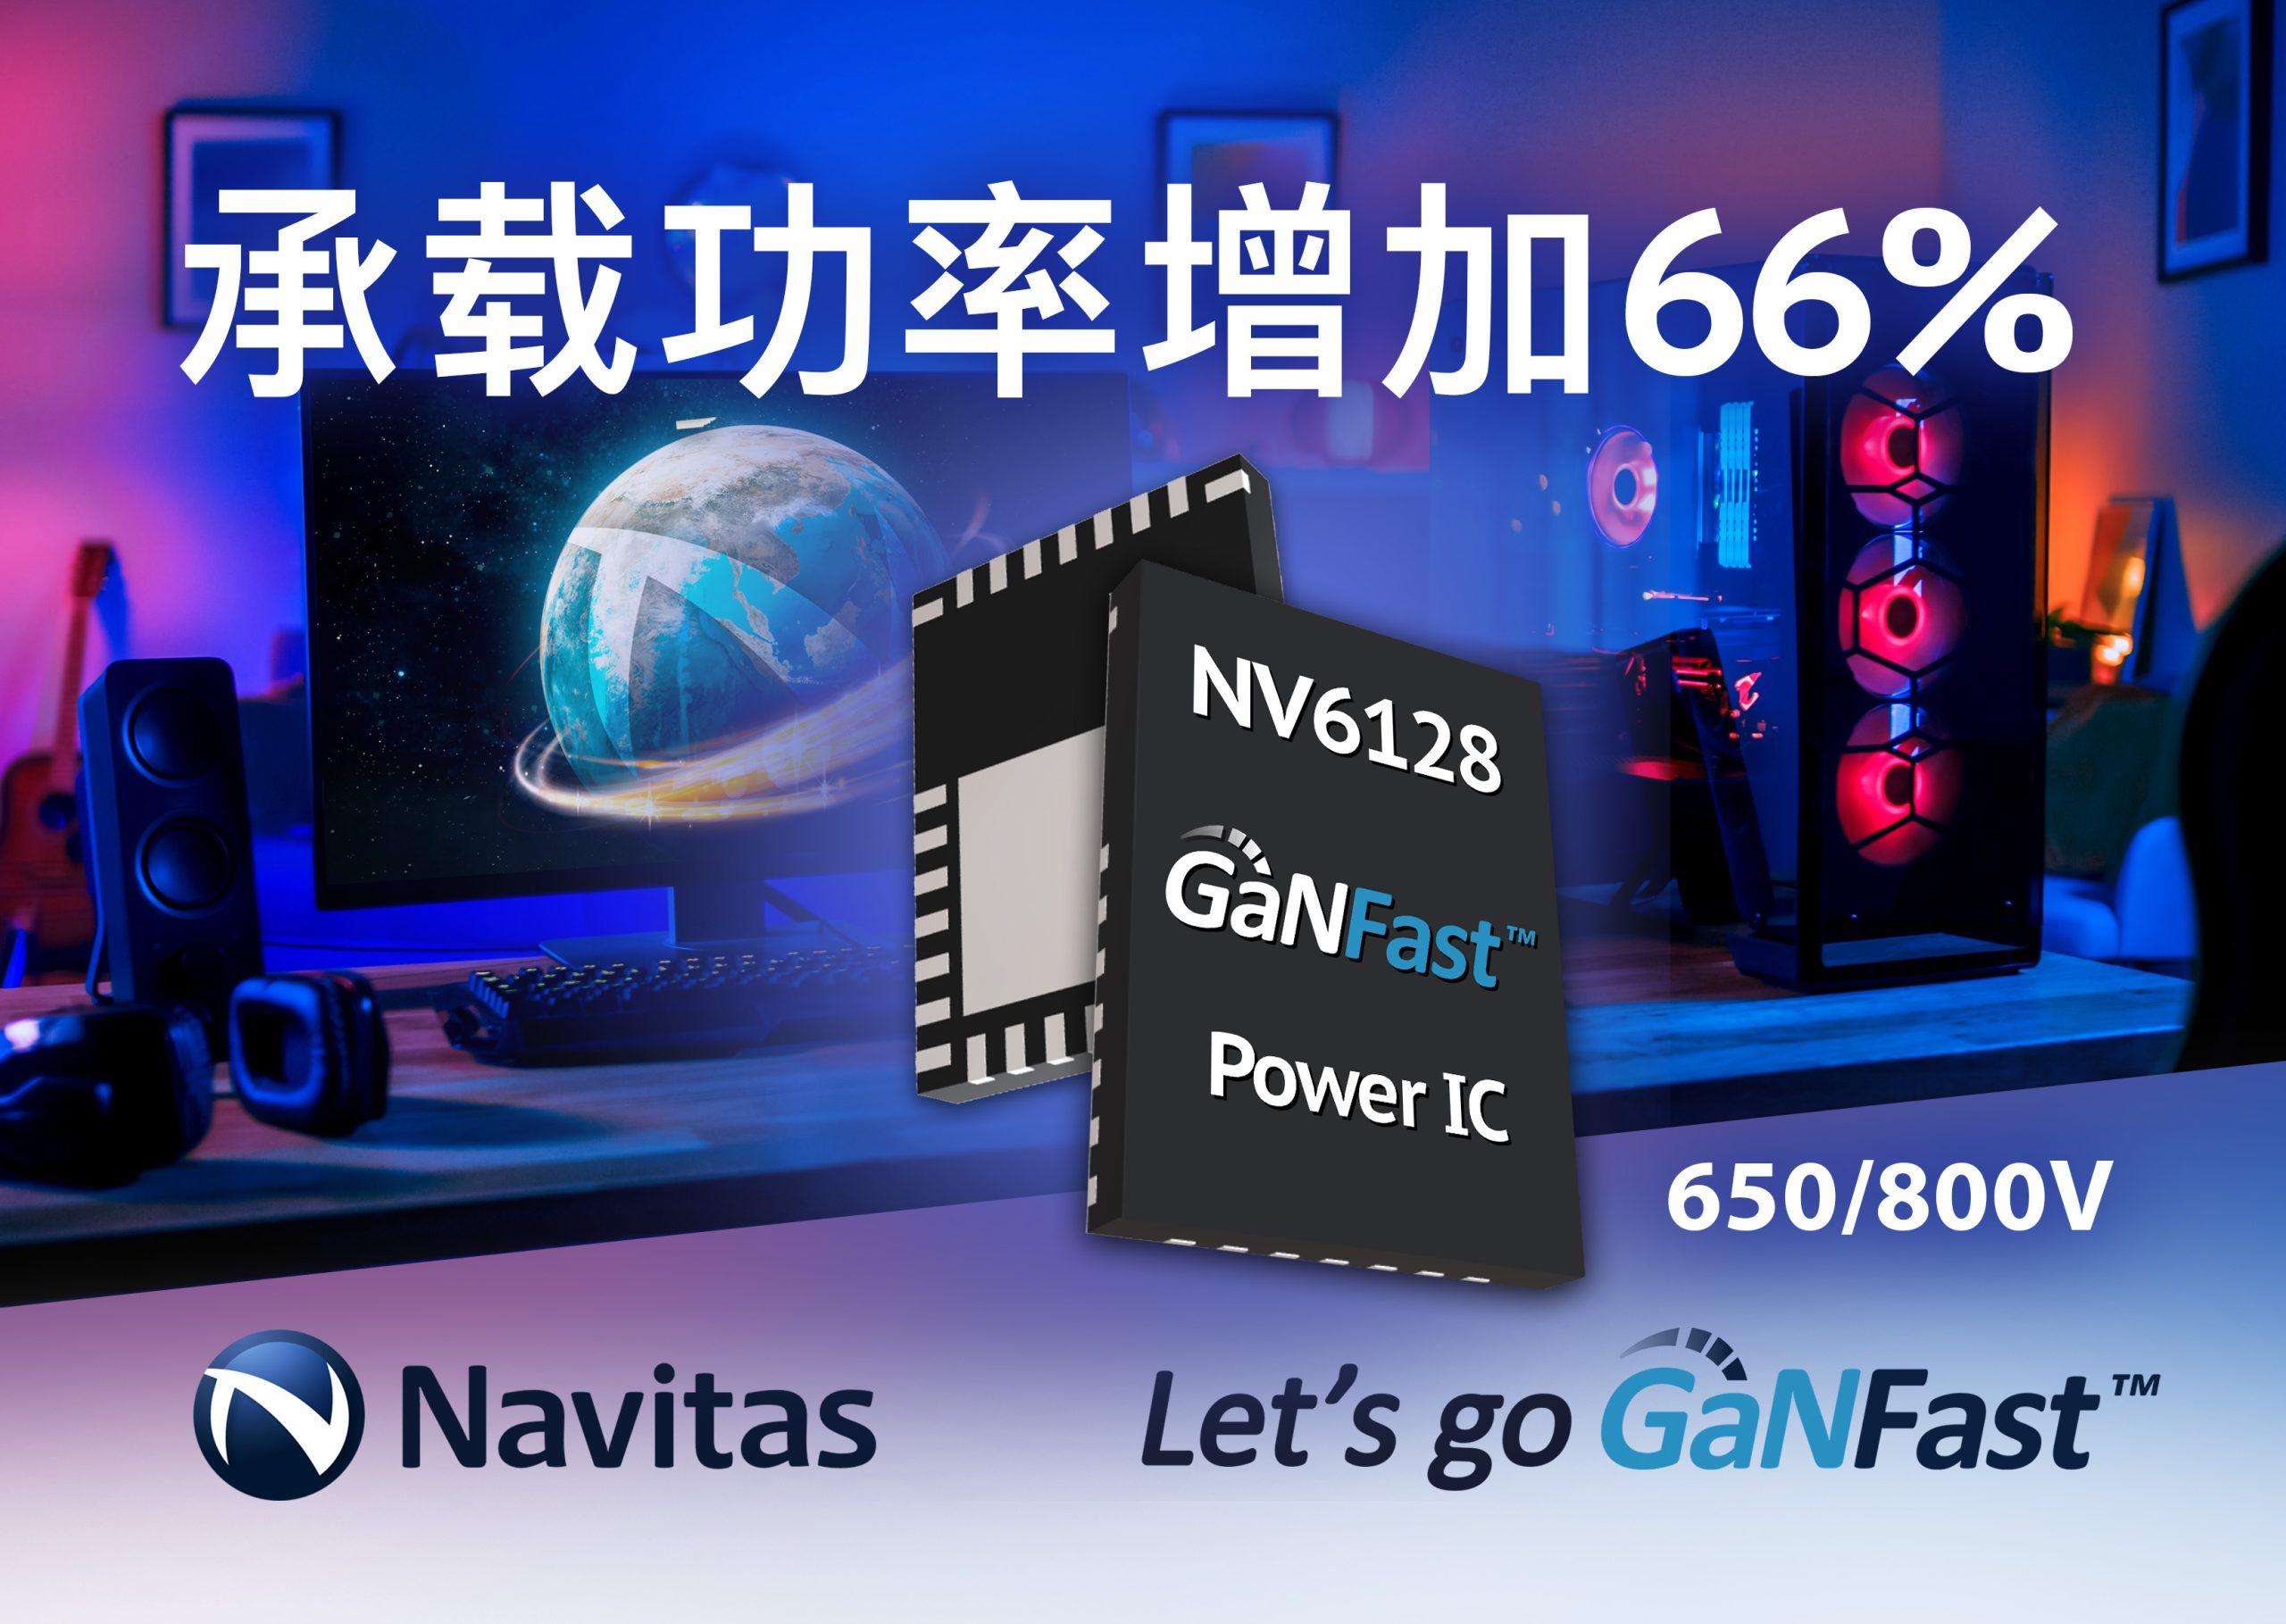 纳微半导体宣布新一代氮化镓功率芯片NV6128问世,承载功率增加66%,加速进军高功率市场